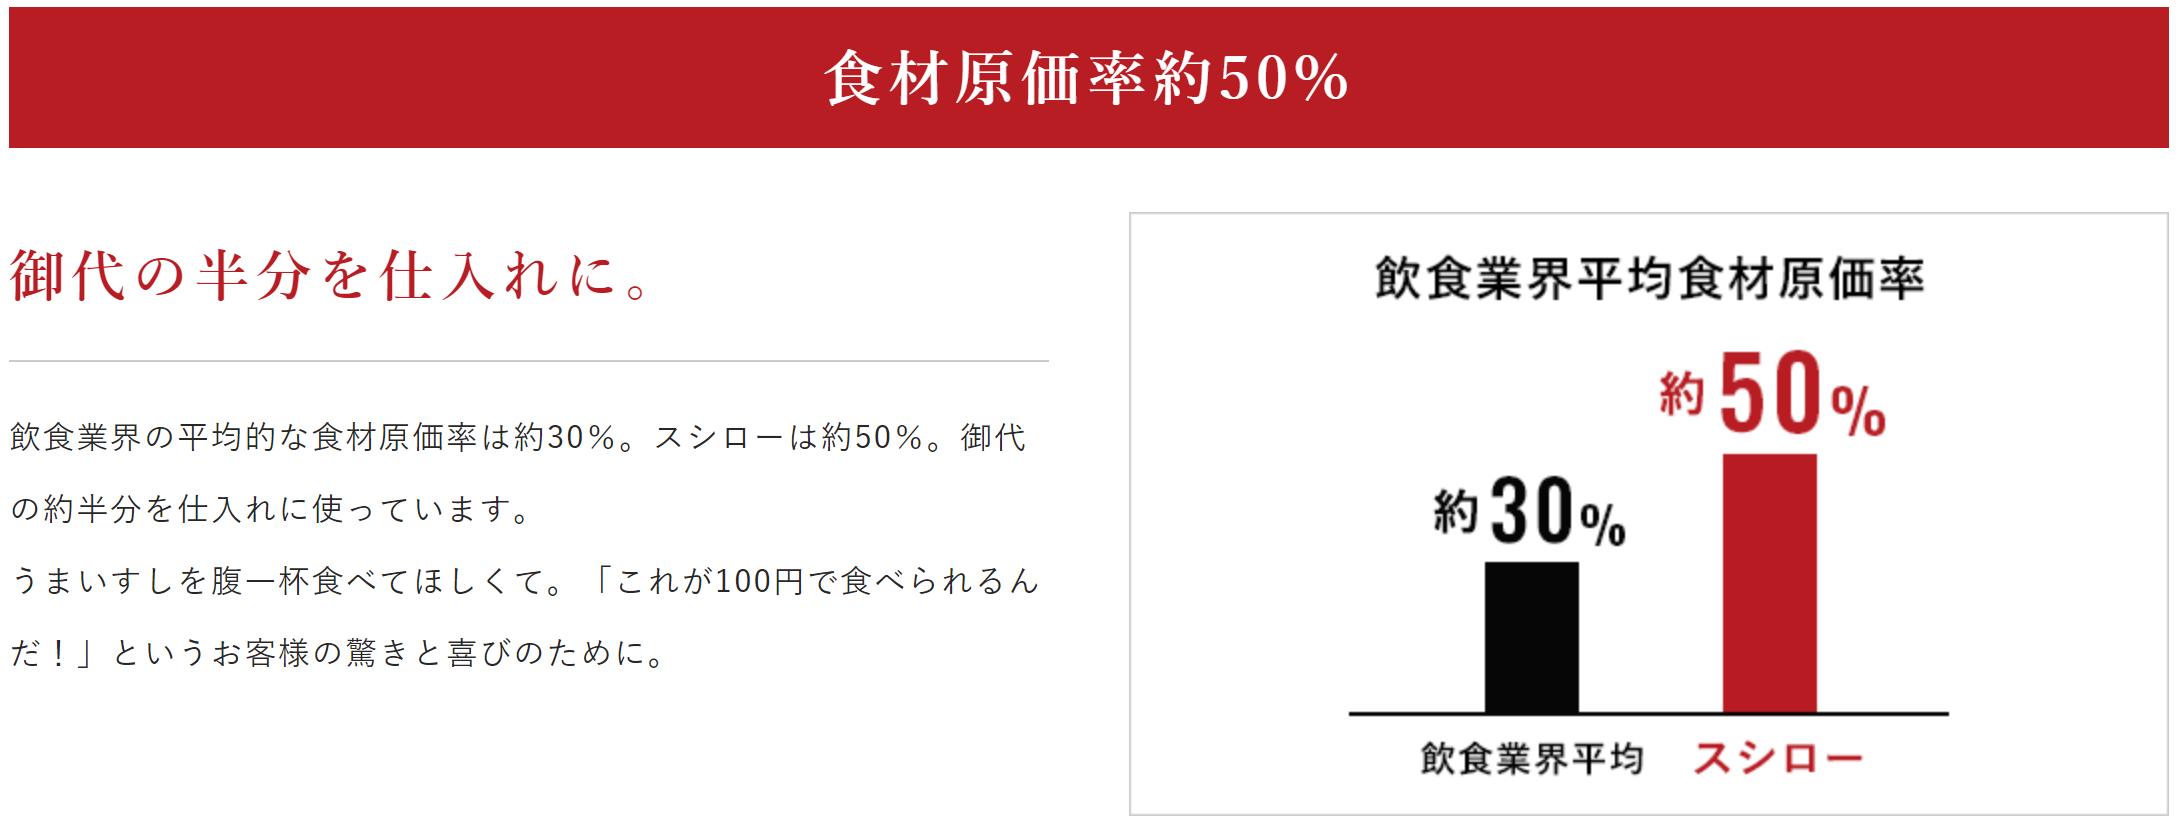 スシロー:原価率50%の理由